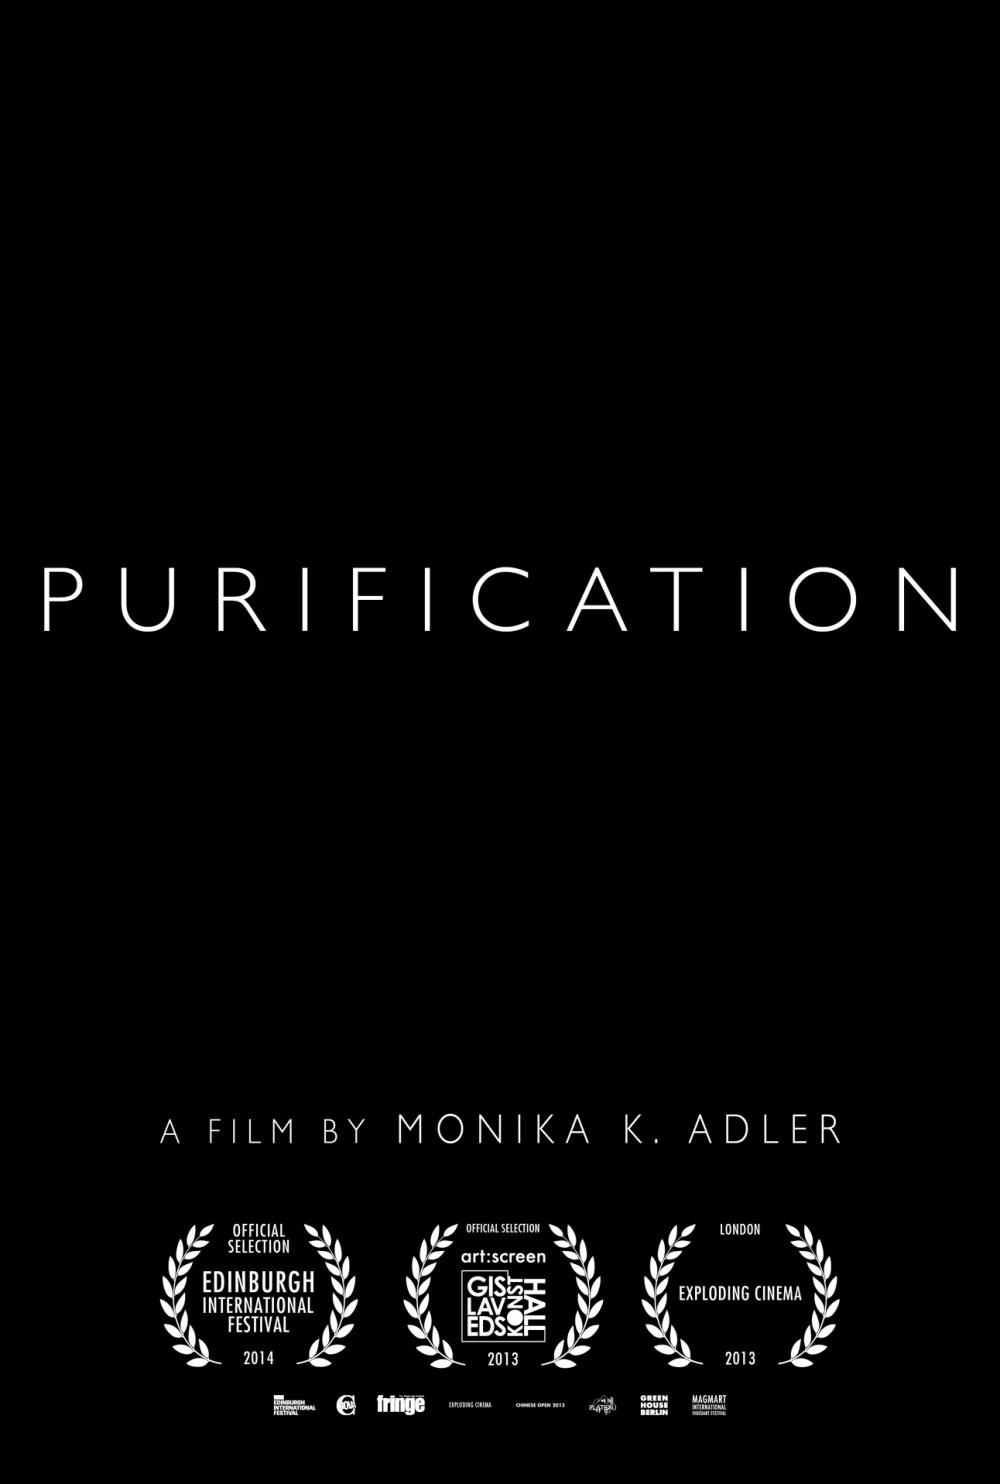 Monika K. Adler, Purification, 2013, film poster, Aeon Rose